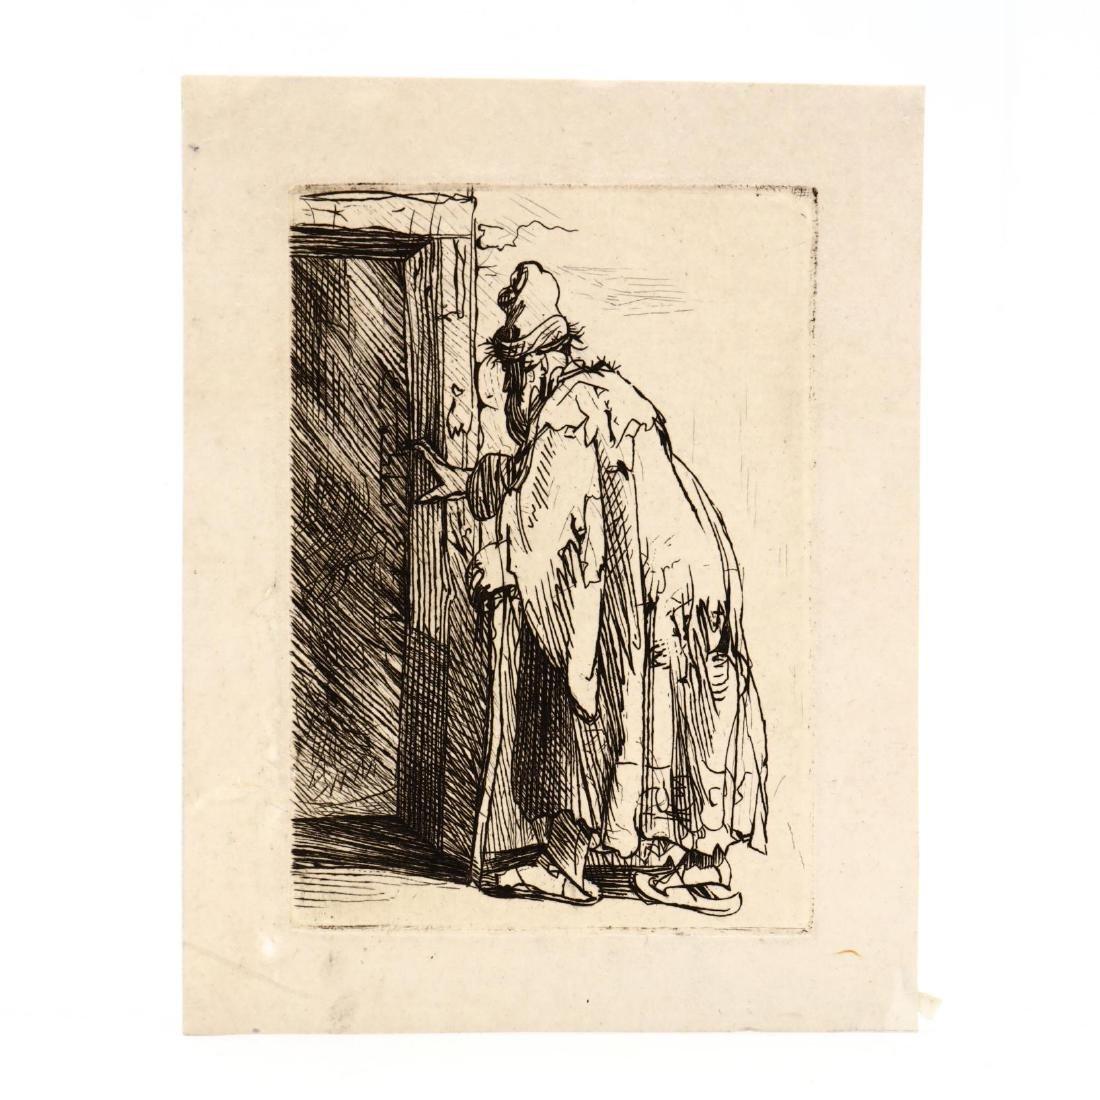 Rembrandt van Rijn (Dutch, 1606-1669),  The Blindness